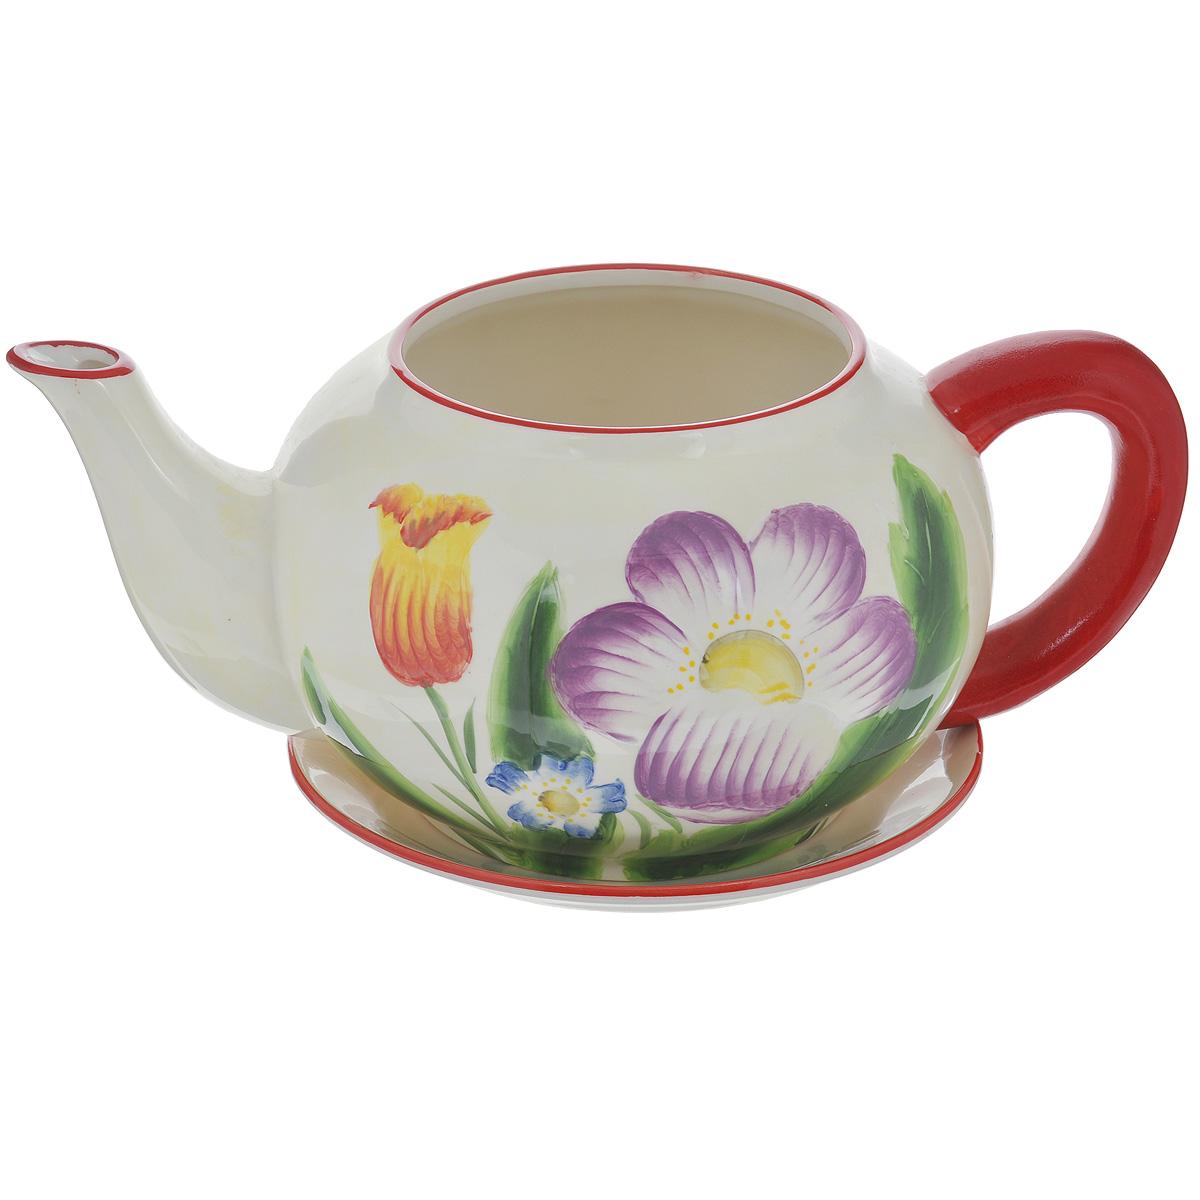 Кашпо Lillo Весенние цветы, с поддономXY10S012DКашпо-горшок для цветов Lillo Весенние цветы выполнен из прочной керамики в виде заварочного чайника с блюдцем. Изделие предназначено для цветов.Такие изделия часто становятся последним штрихом, который совершенно изменяет интерьер помещения или ландшафтный дизайн сада. Благодаря такому кашпо вы сможете украсить вашу комнату, офис, сад и другие места. Изделие оснащено специальным поддоном - блюдцем.Диаметр кашпо по верхнему краю: 14,5 см.Высота кашпо (без учета поддона): 16 см.Диаметр поддона: 23 см.